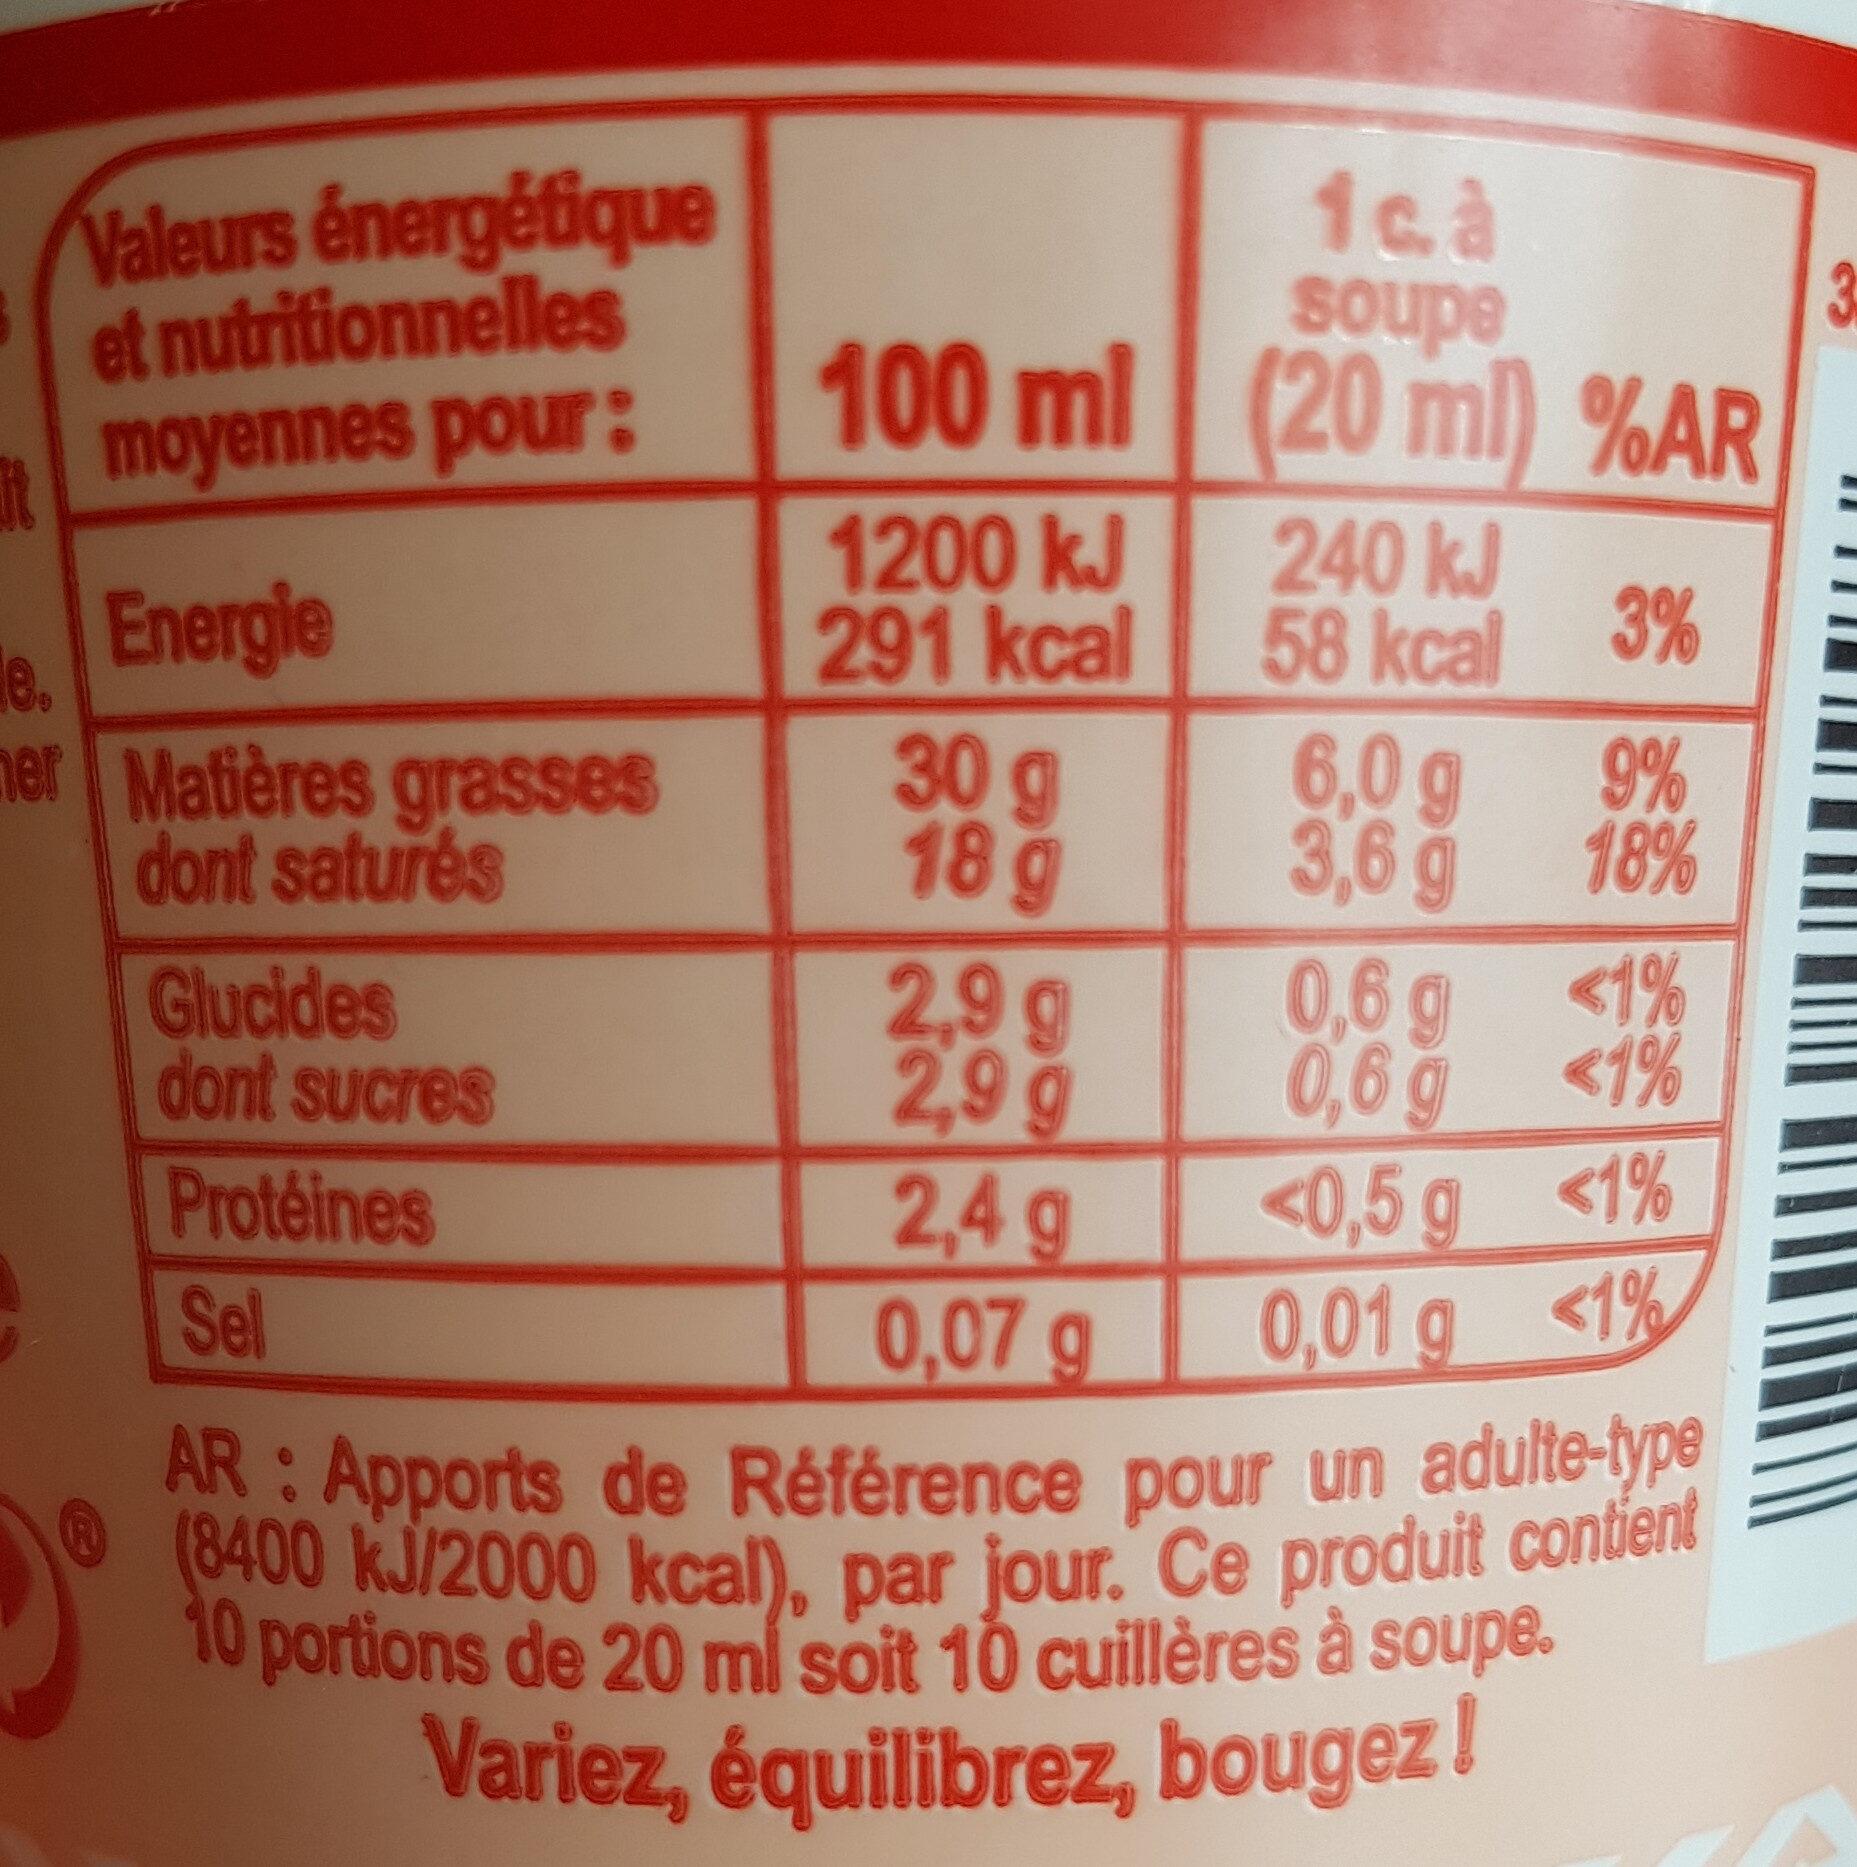 Crème fraîche épaisseEntière - Nutrition facts - fr